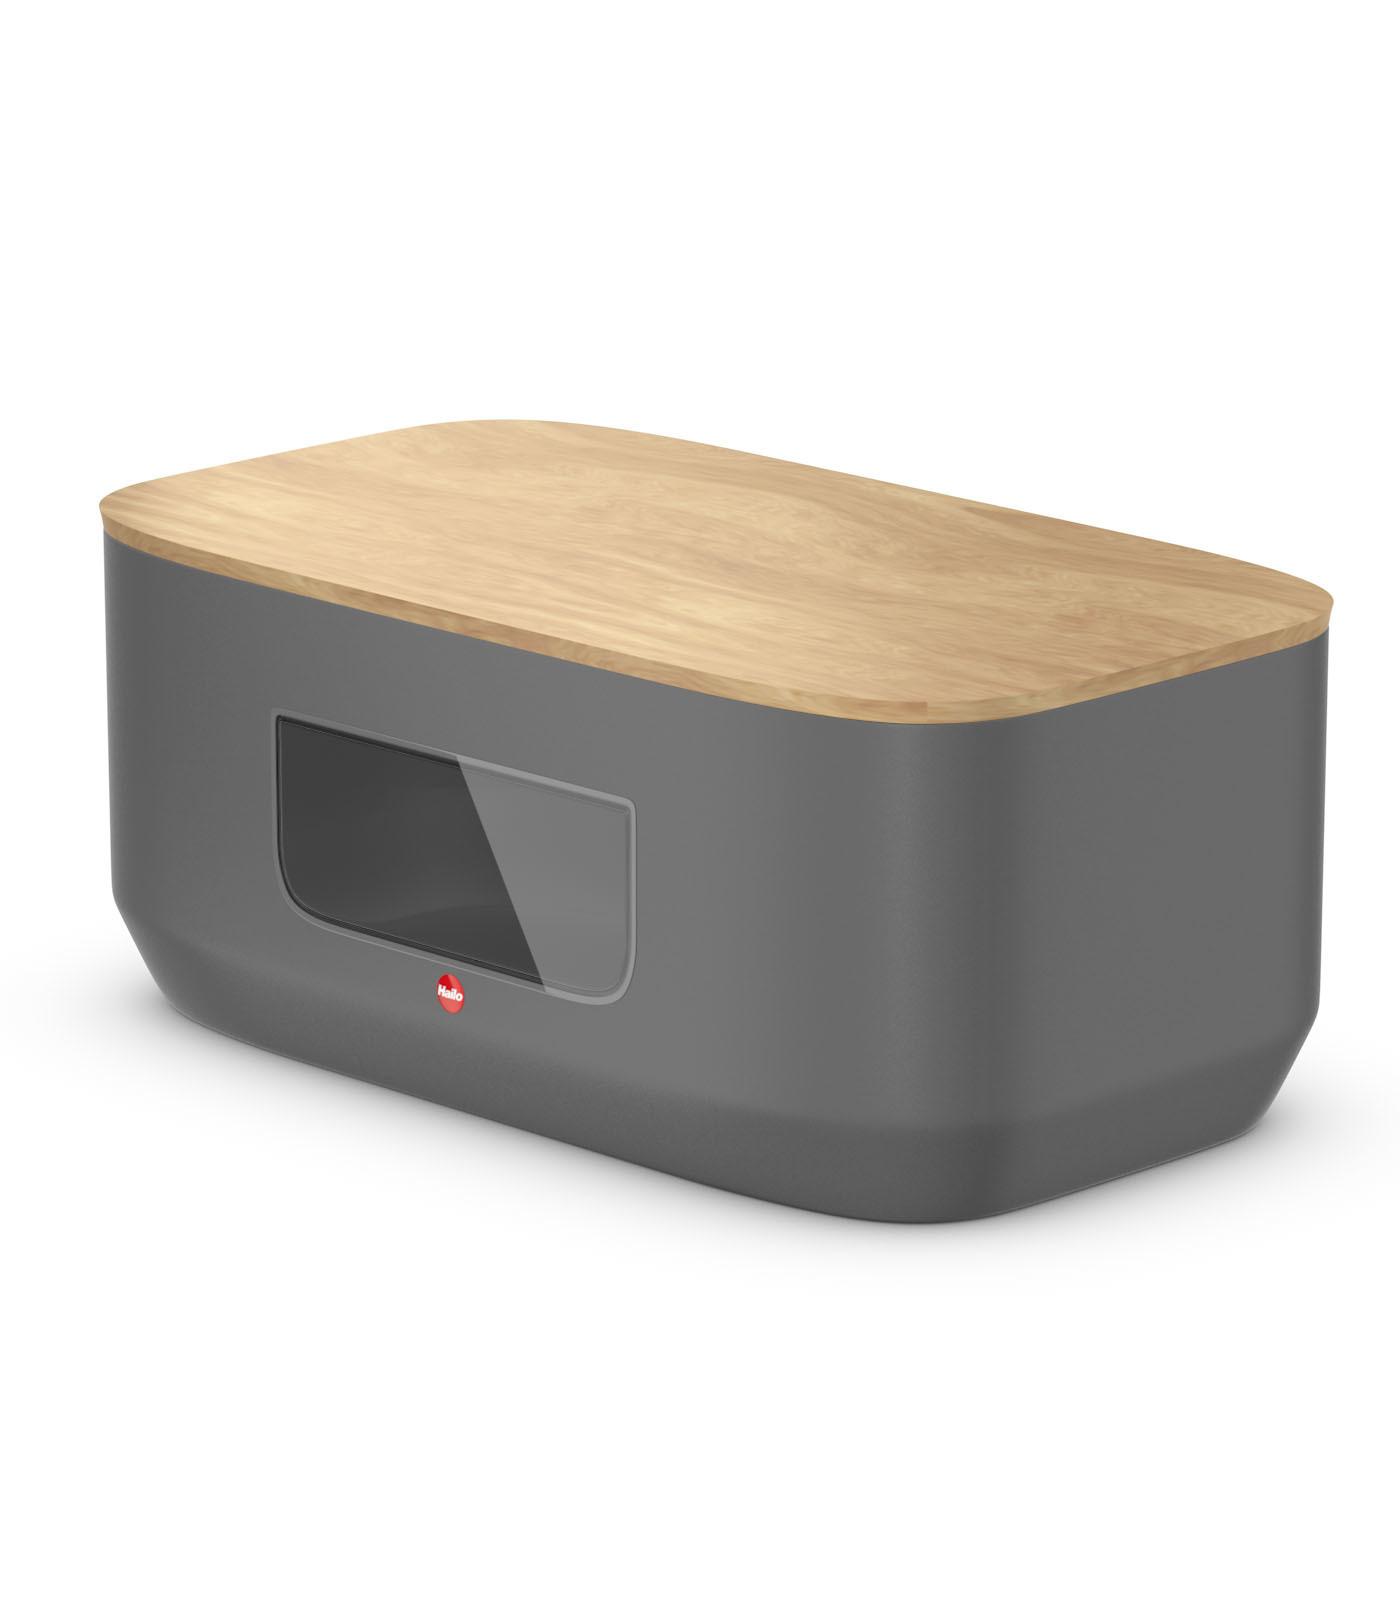 accessoires de cuisine hailo. Black Bedroom Furniture Sets. Home Design Ideas